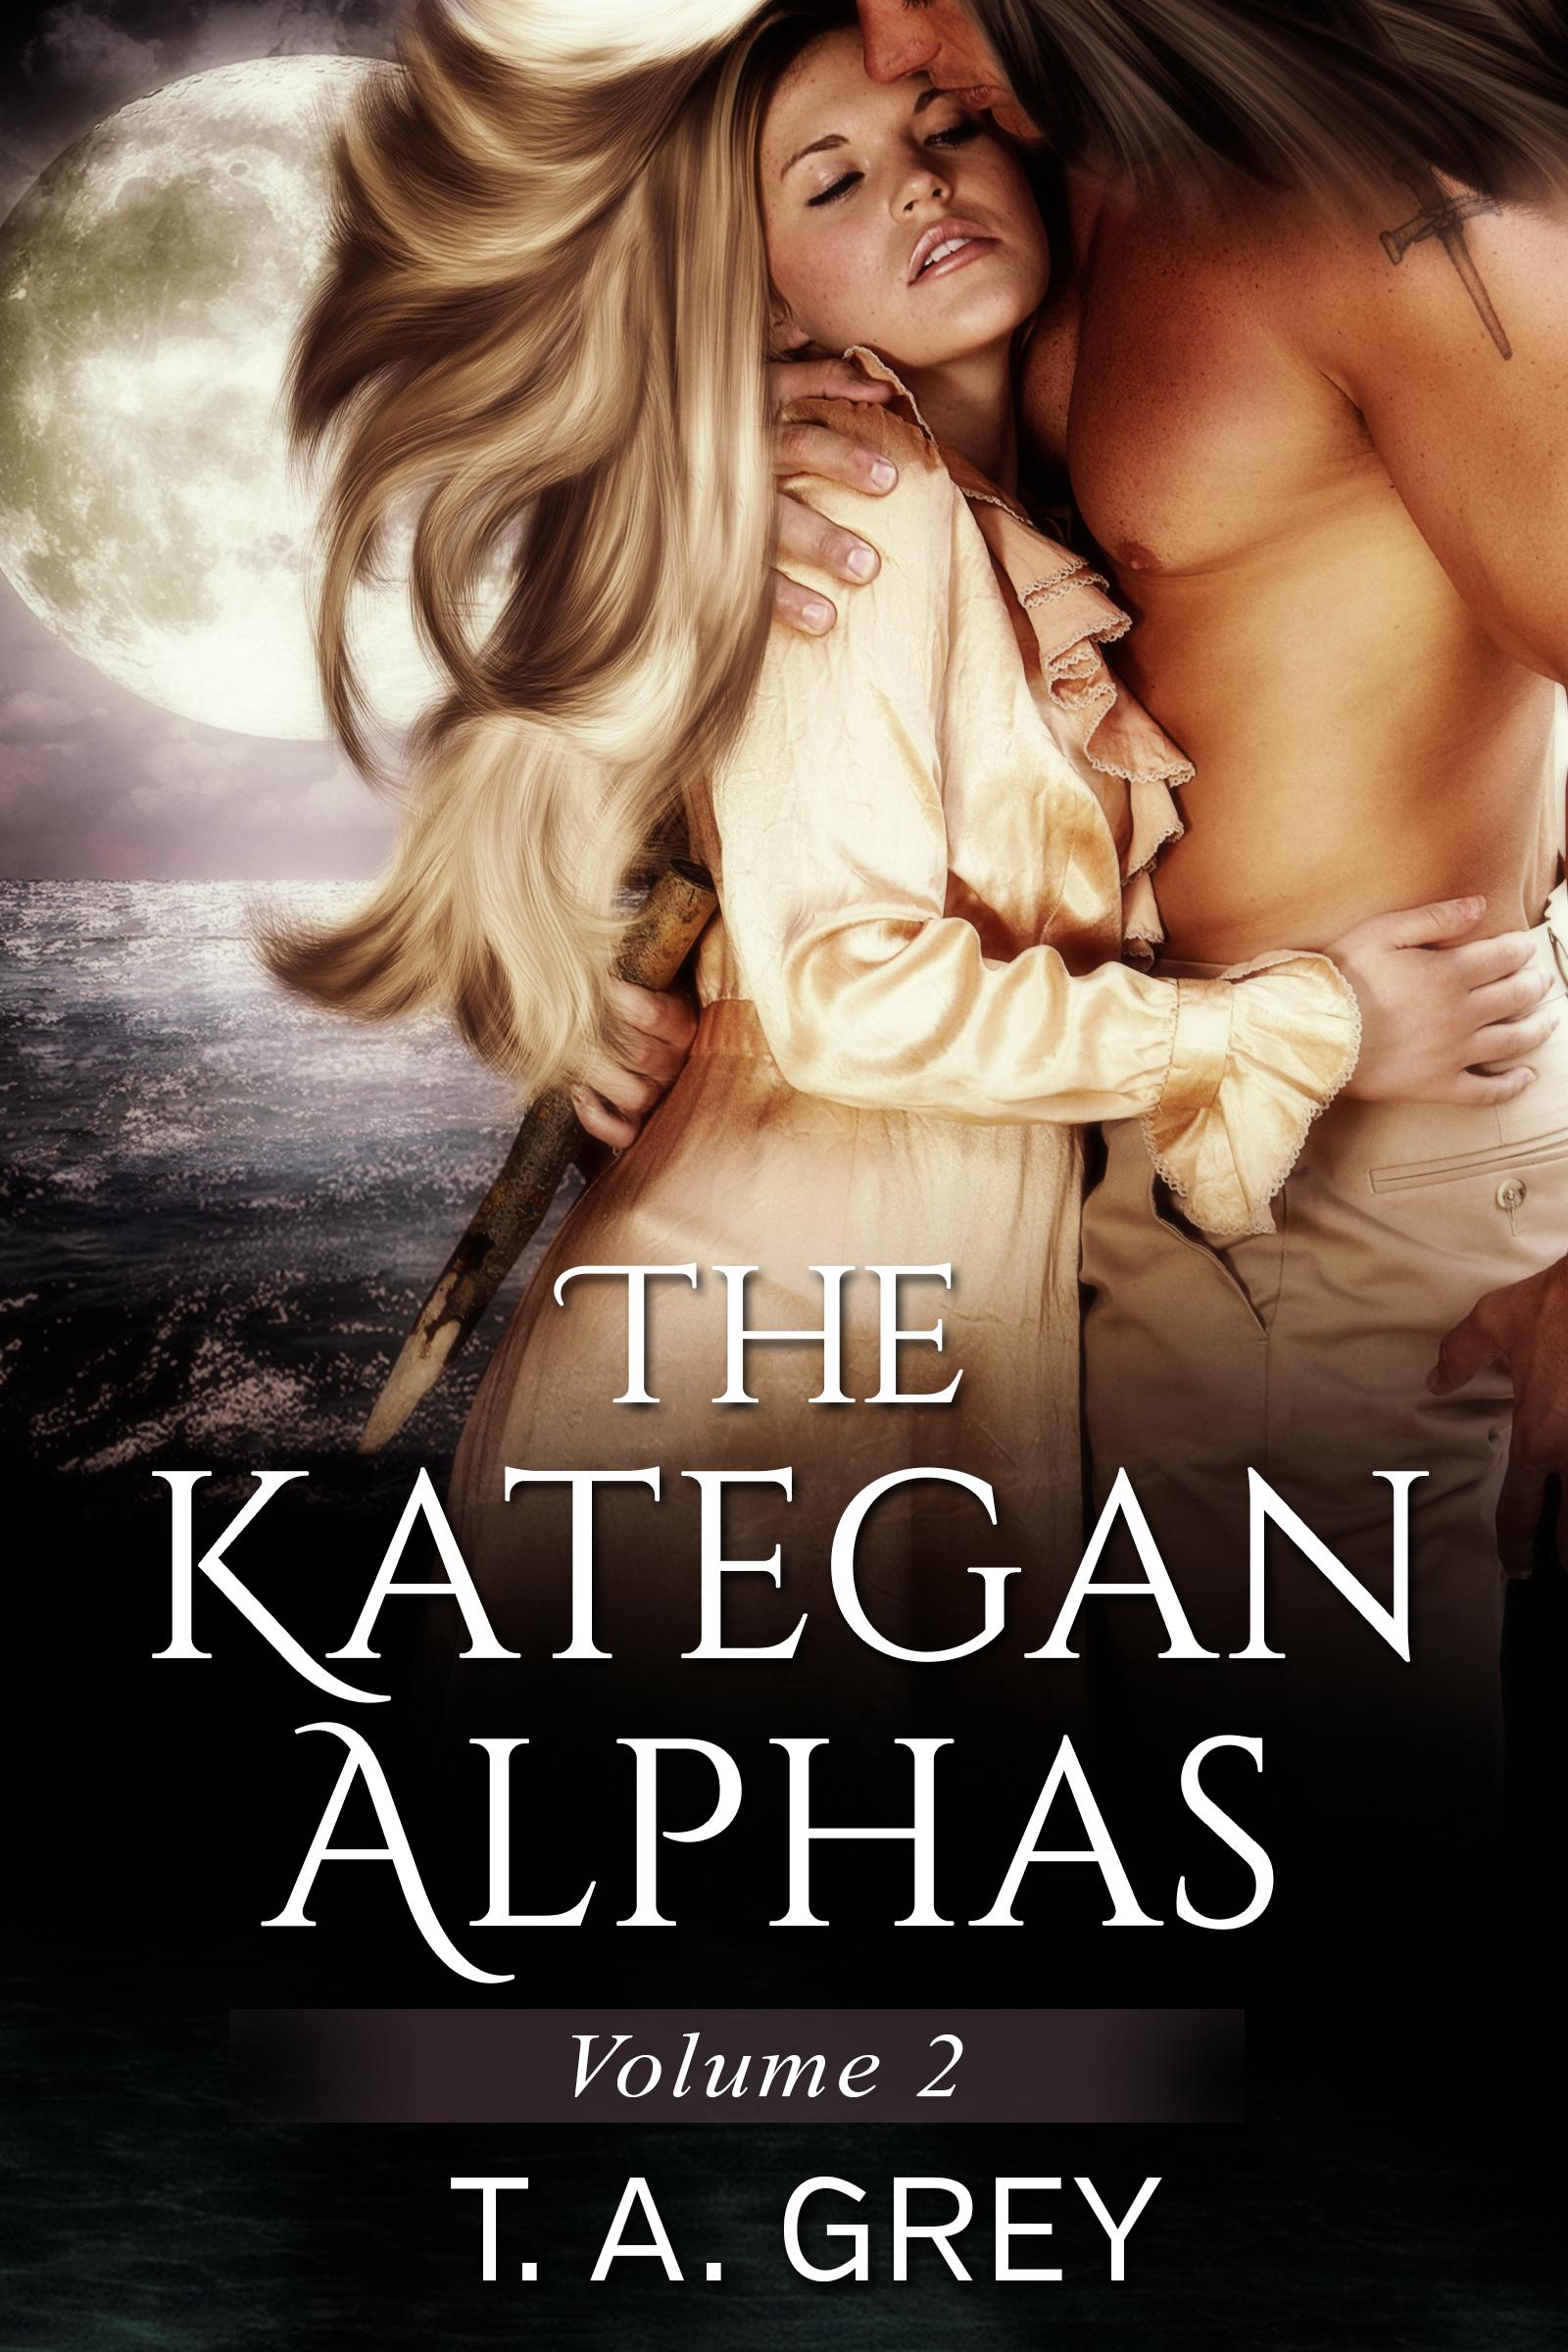 T. A. Grey - The Kategan Alphas Vol. 2